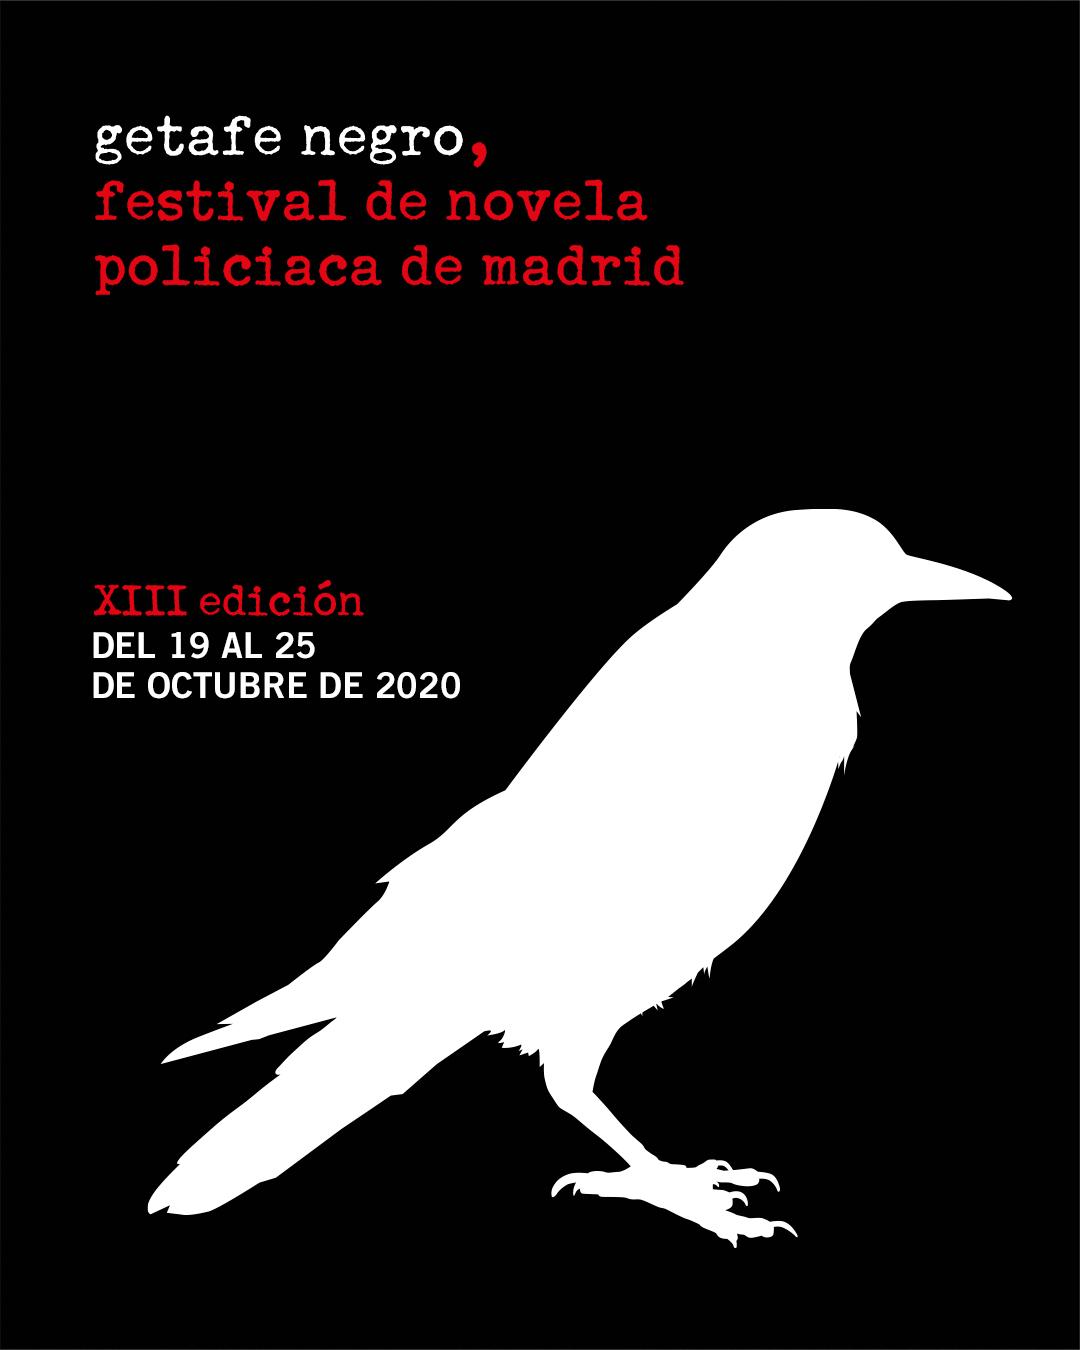 Getafe Negro- XIII edición